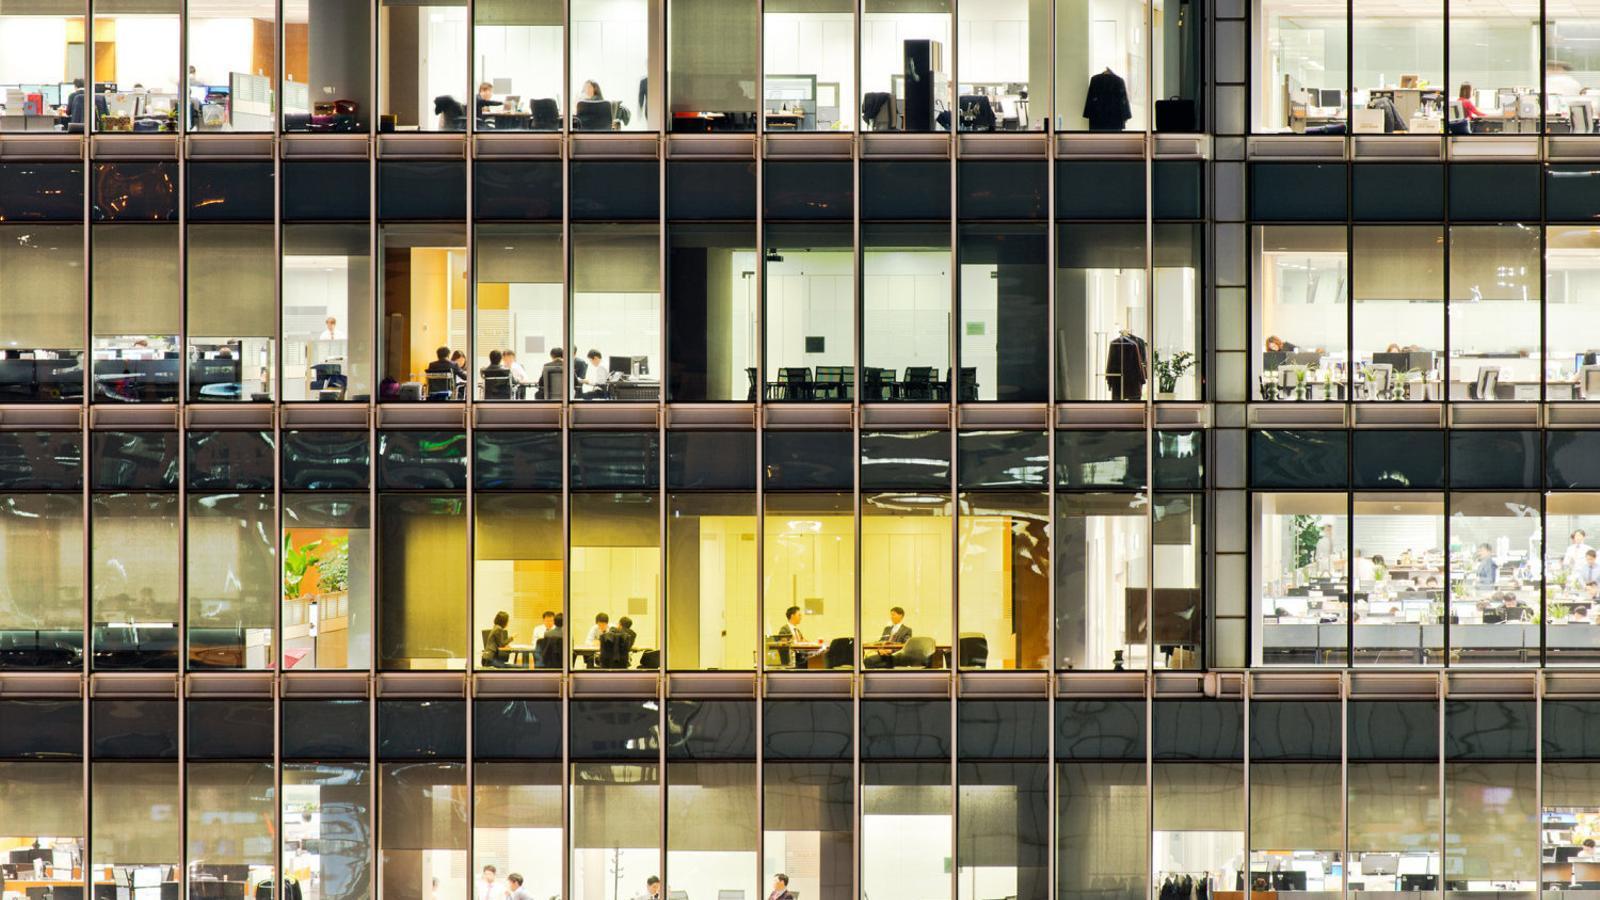 Segons un estudi, cada any hi ha a Espanya 9.500 casos de càncer -un 5% del total- que tenen com a origen l'entorn laboral.